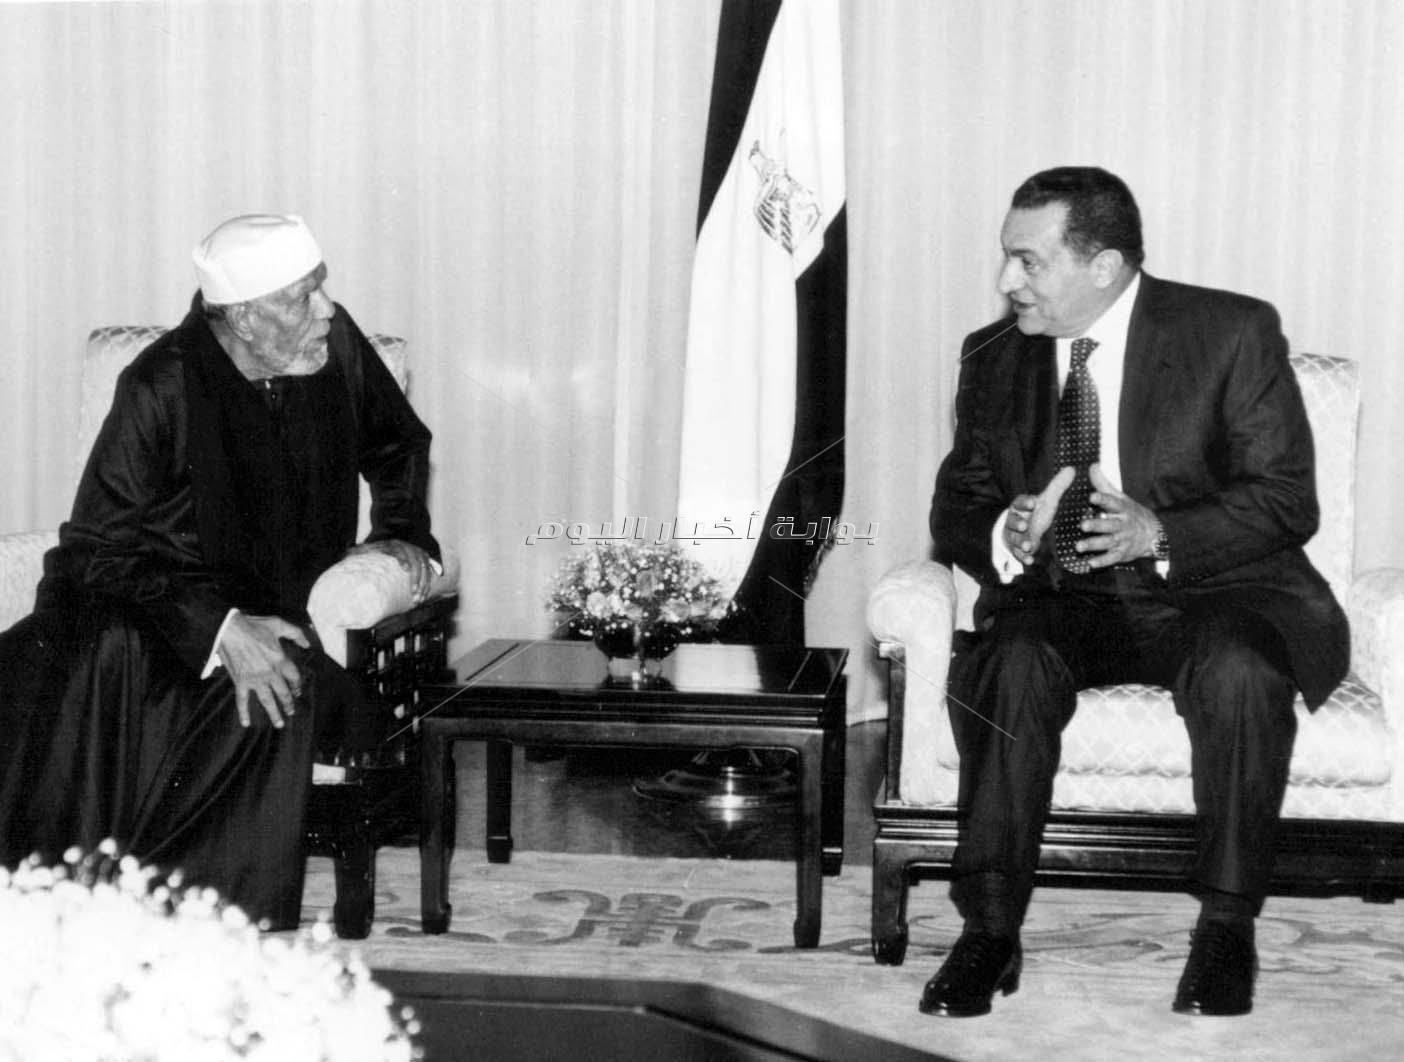 الرئيس الأسبق حسني مبارك والشيخ الشعراوي والبابا شنودة